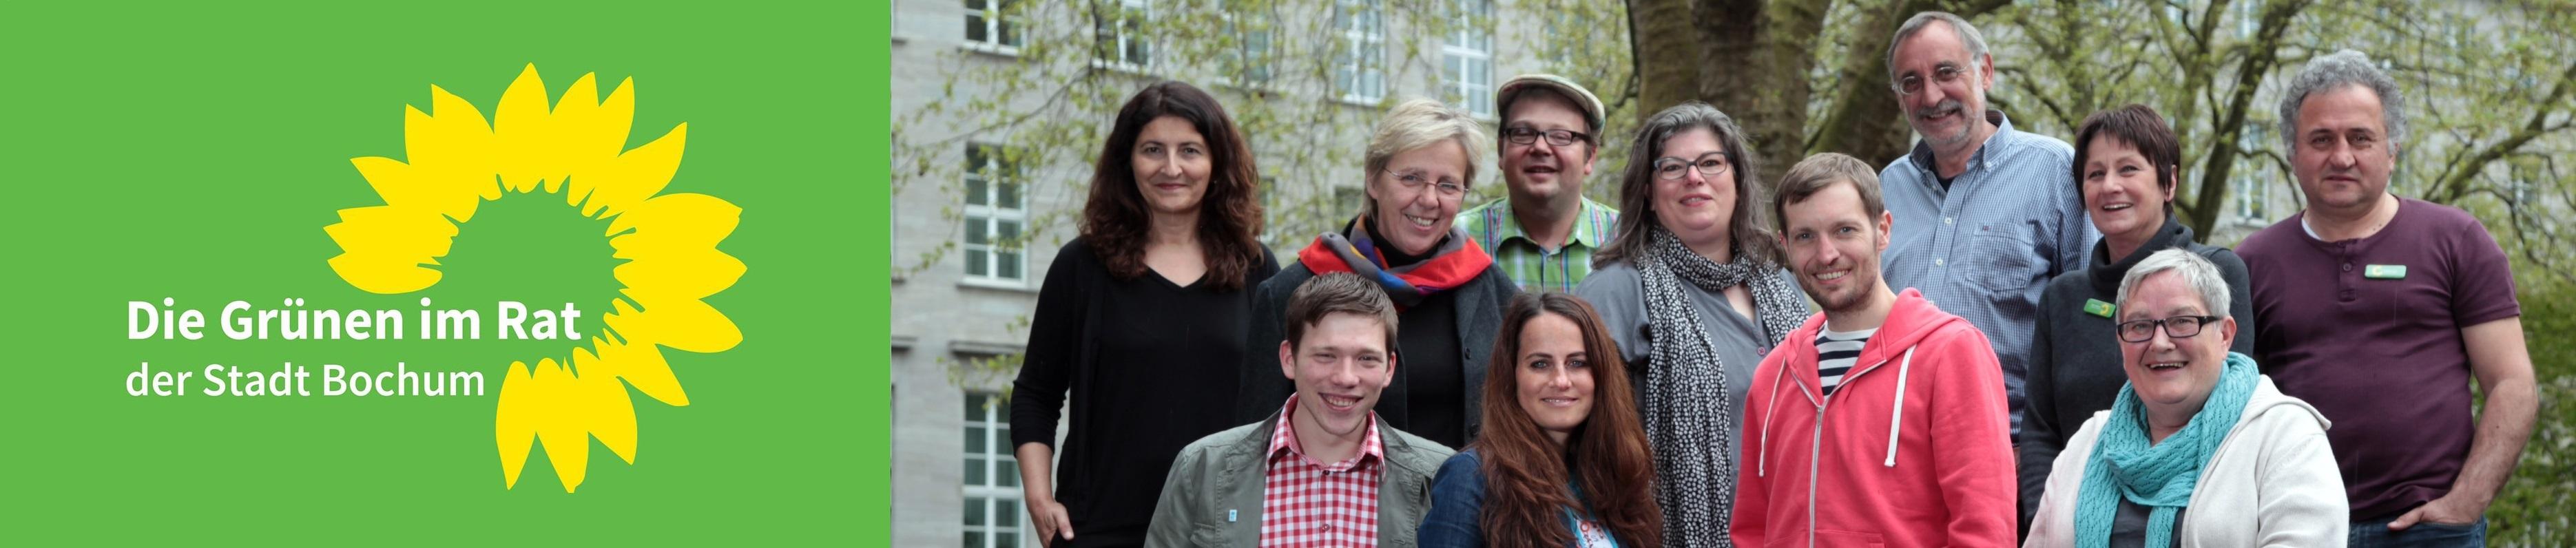 Die Grünen im Rat der Stadt Bochum